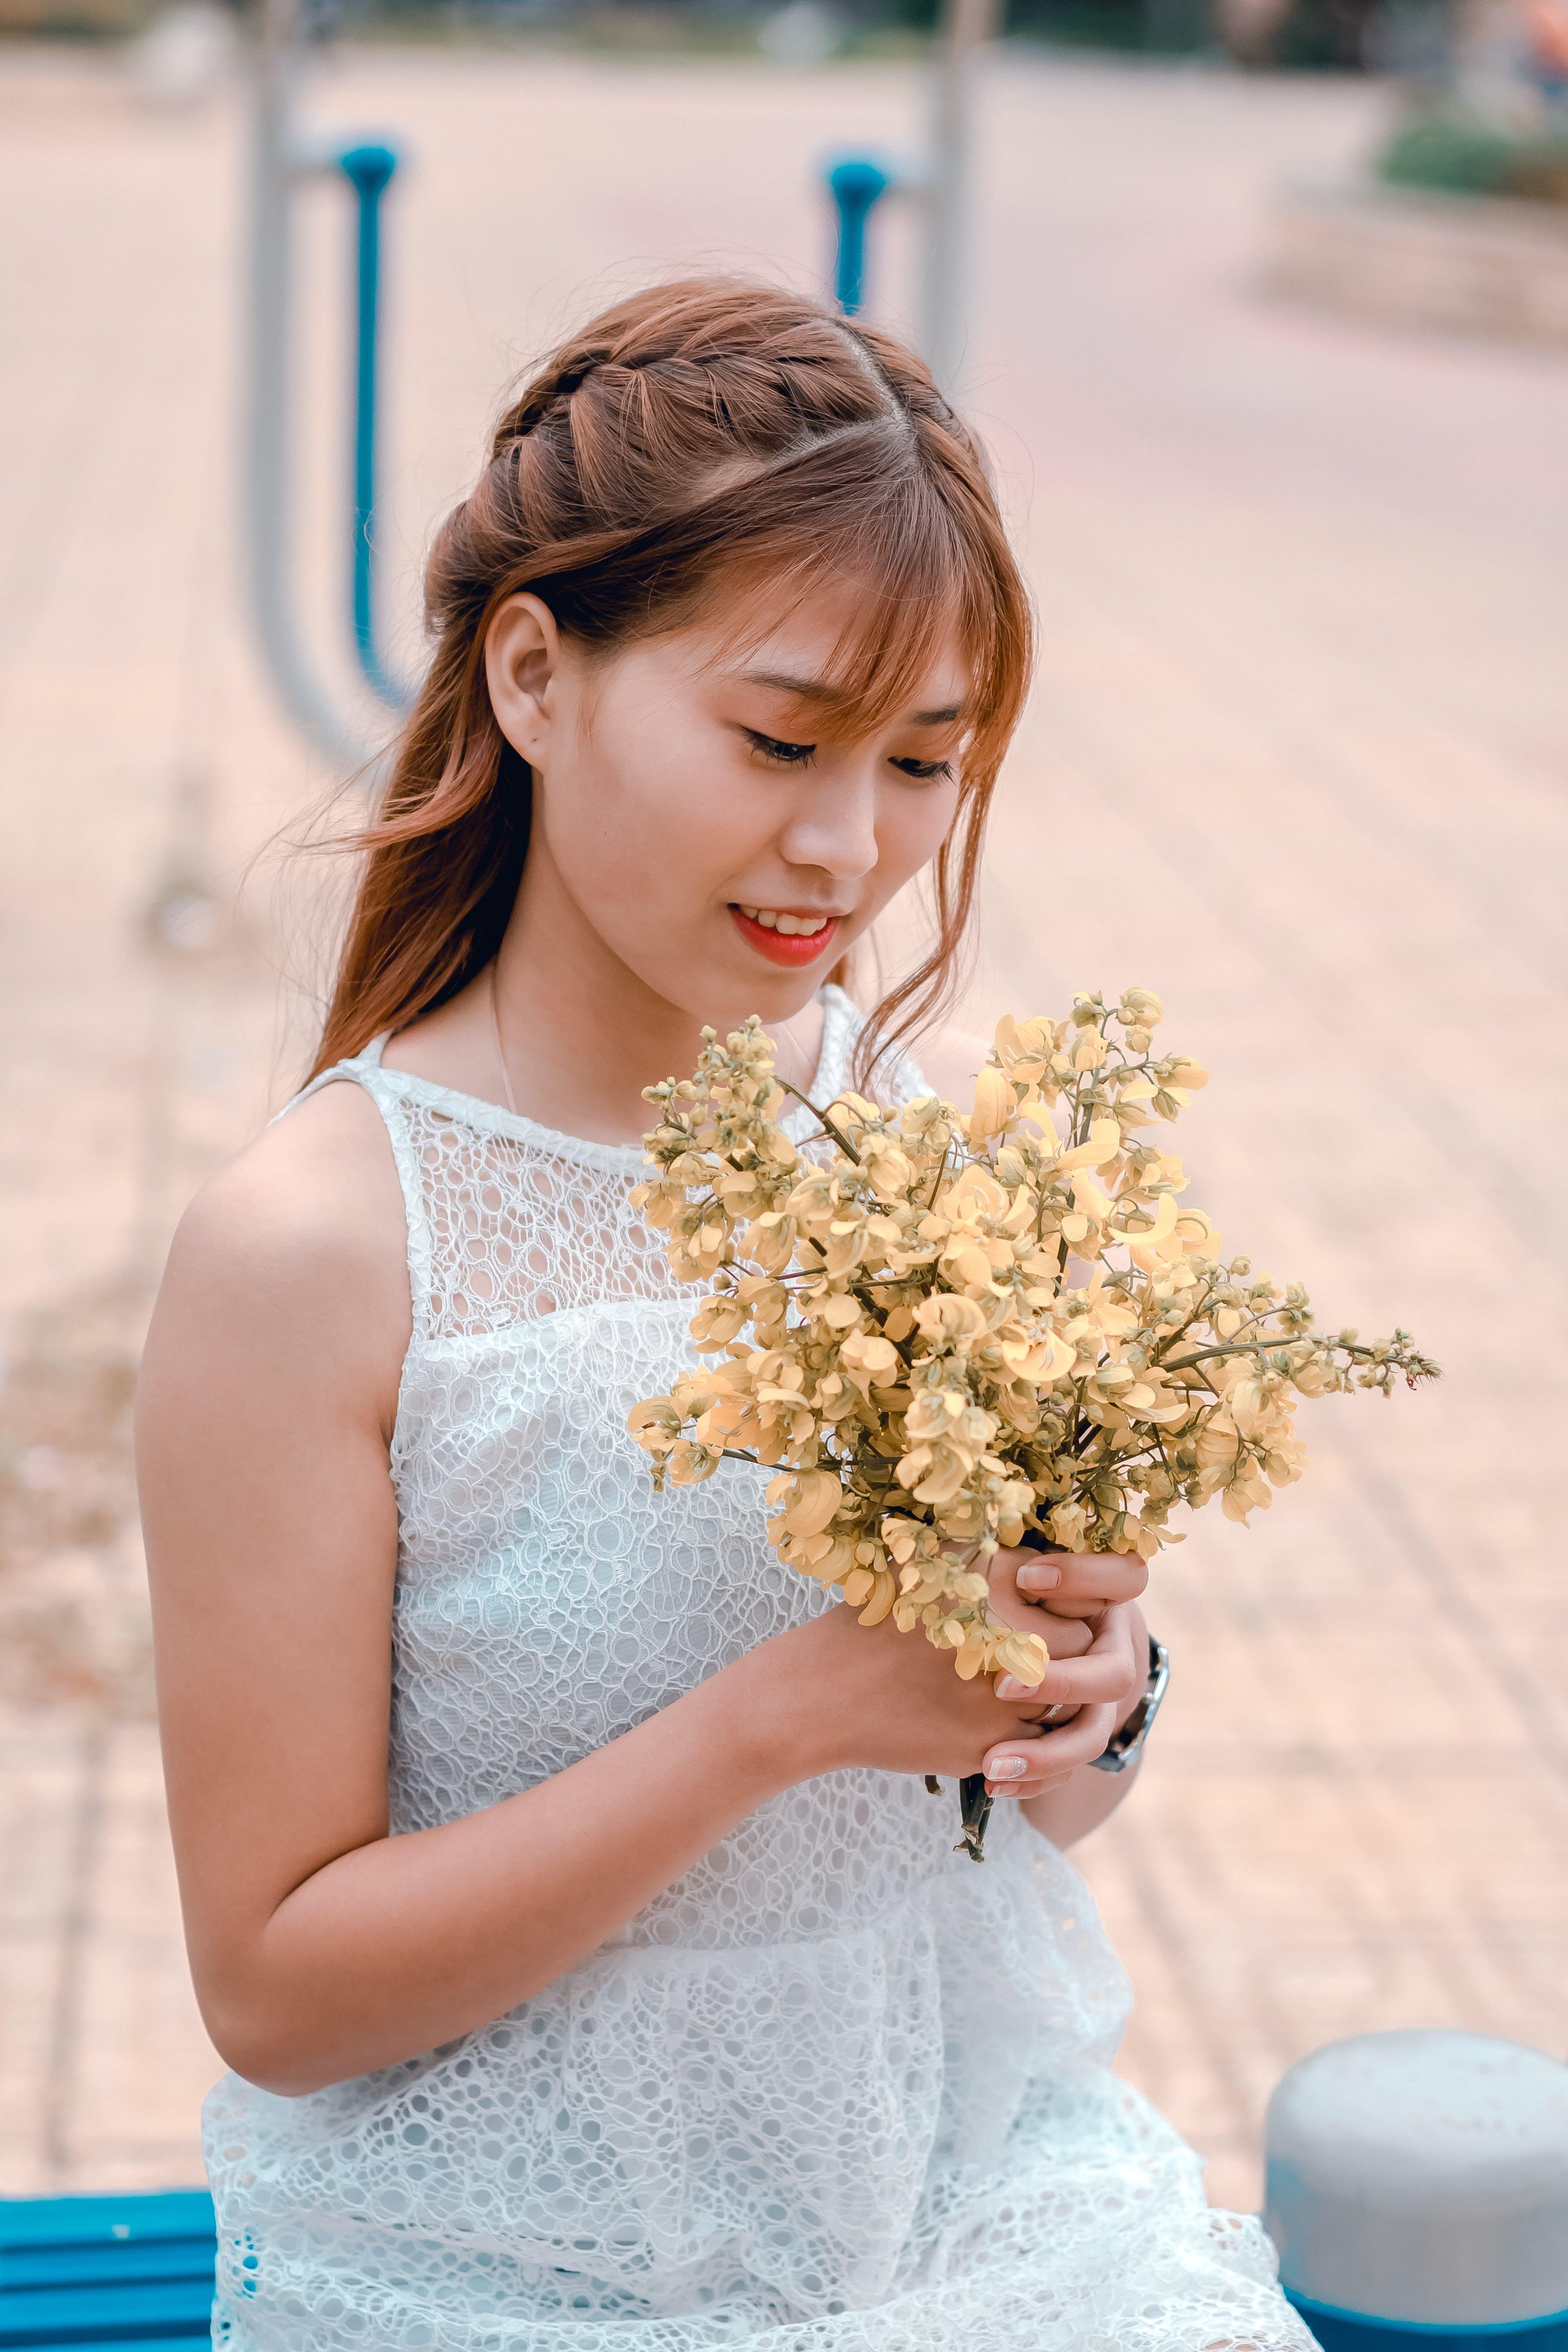 Gratis lagerfoto af Asiatisk pige, kvinde, person, Pige